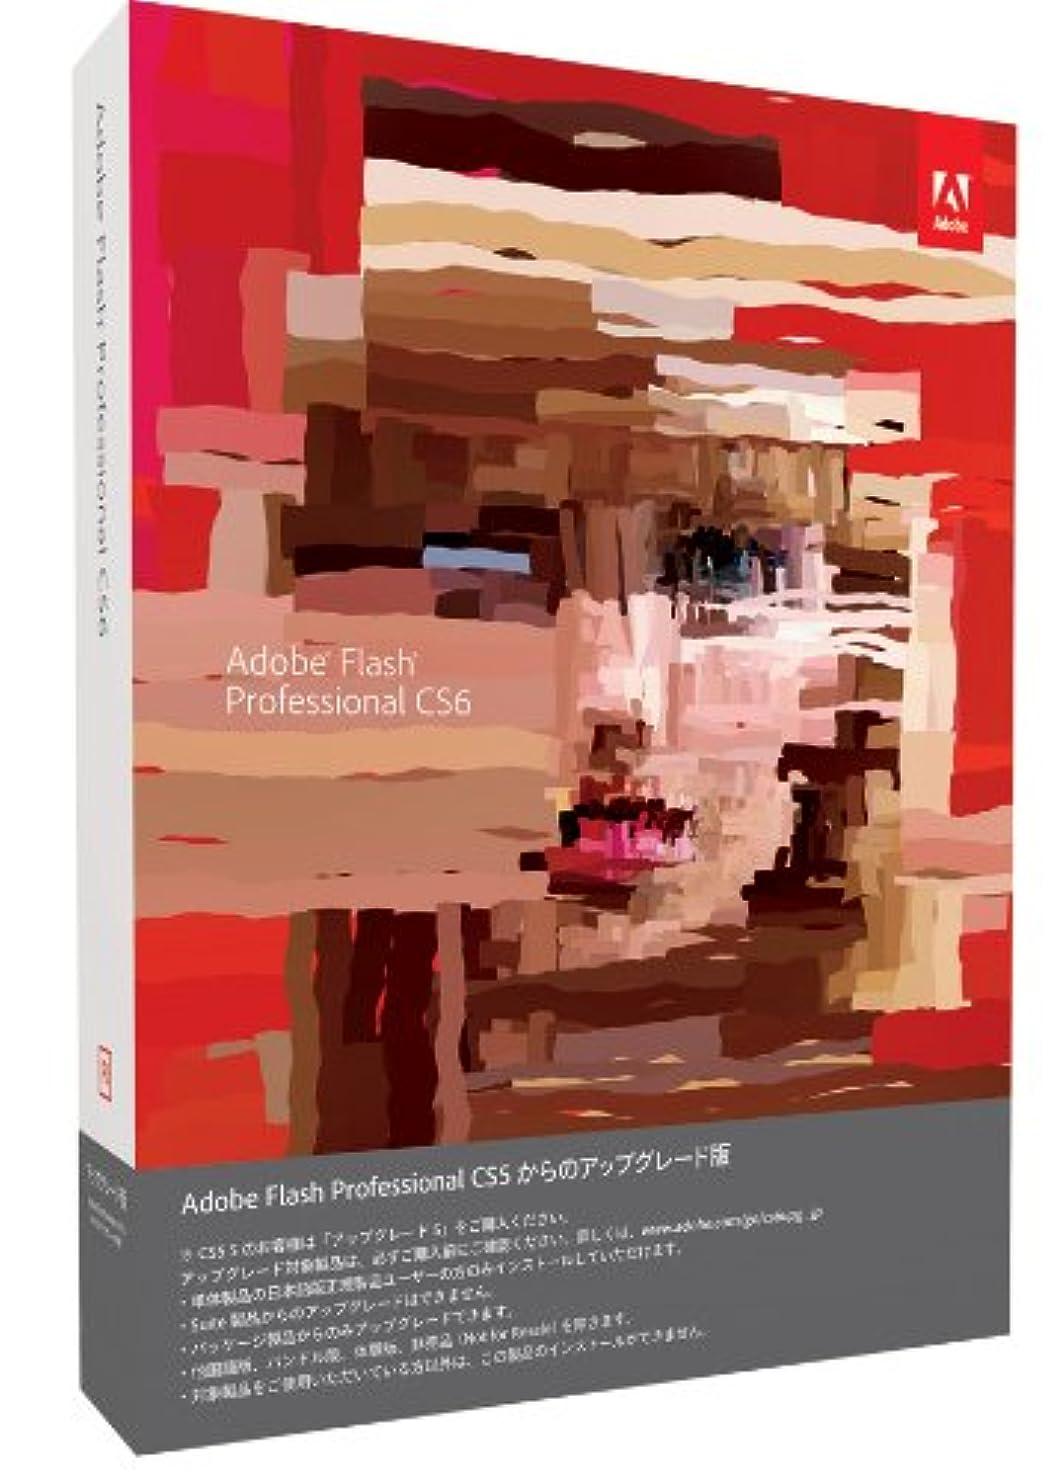 悪い放棄するカップAdobe Flash Professional CS6 Macintosh版 アップグレード版 (CS5ユーザー対象) (旧製品)